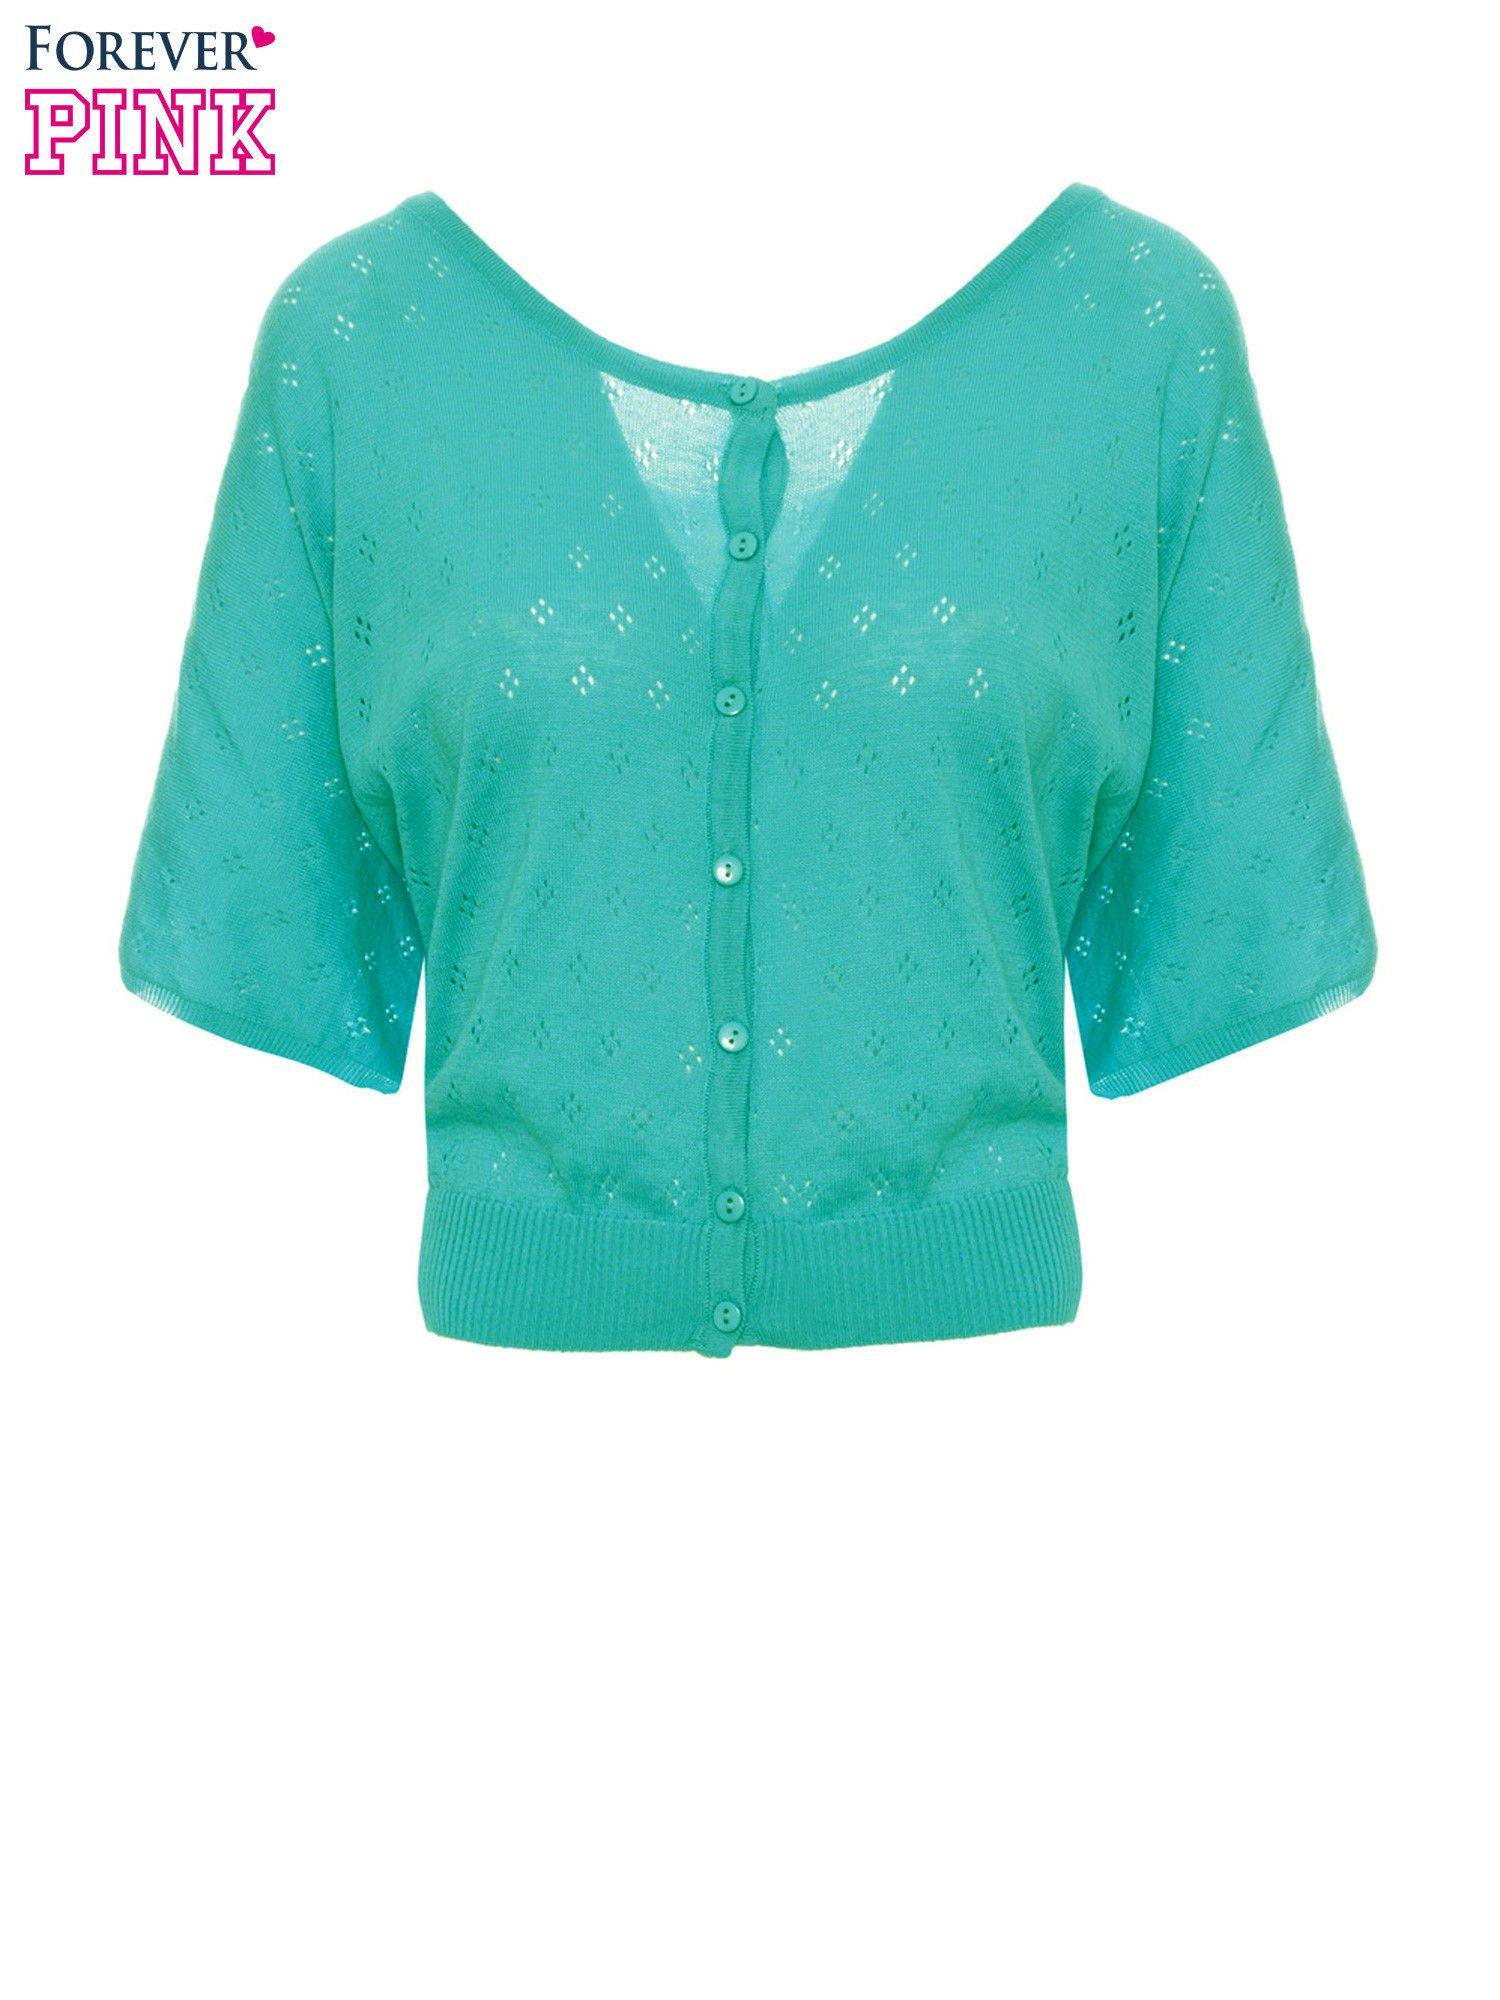 Zielony ażurowy sweterek z krótkim rękawem                                  zdj.                                  2